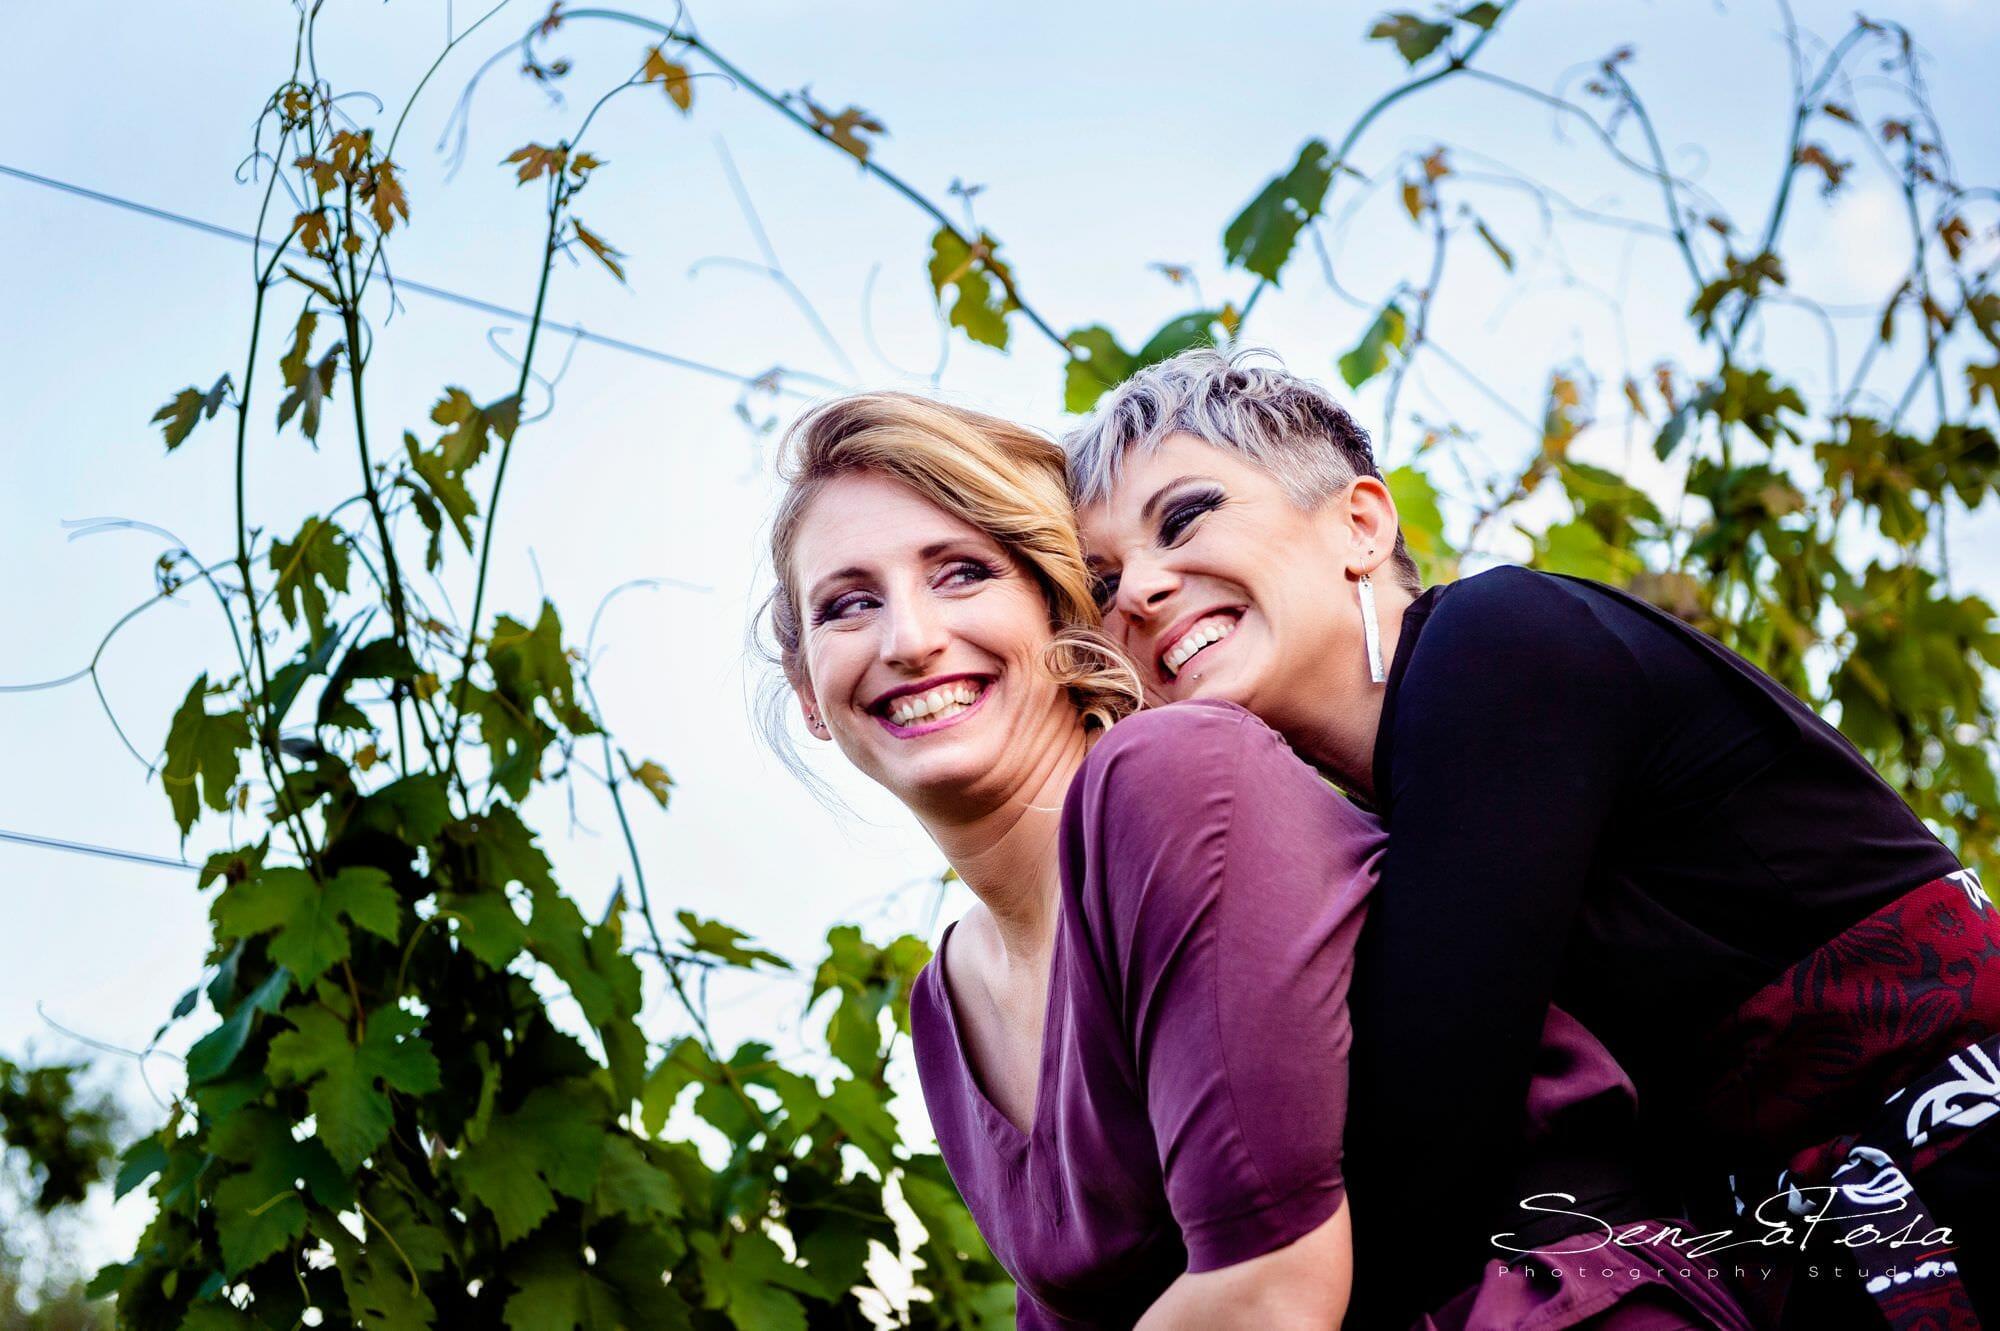 matrimonio lesbo a firenze fotografo